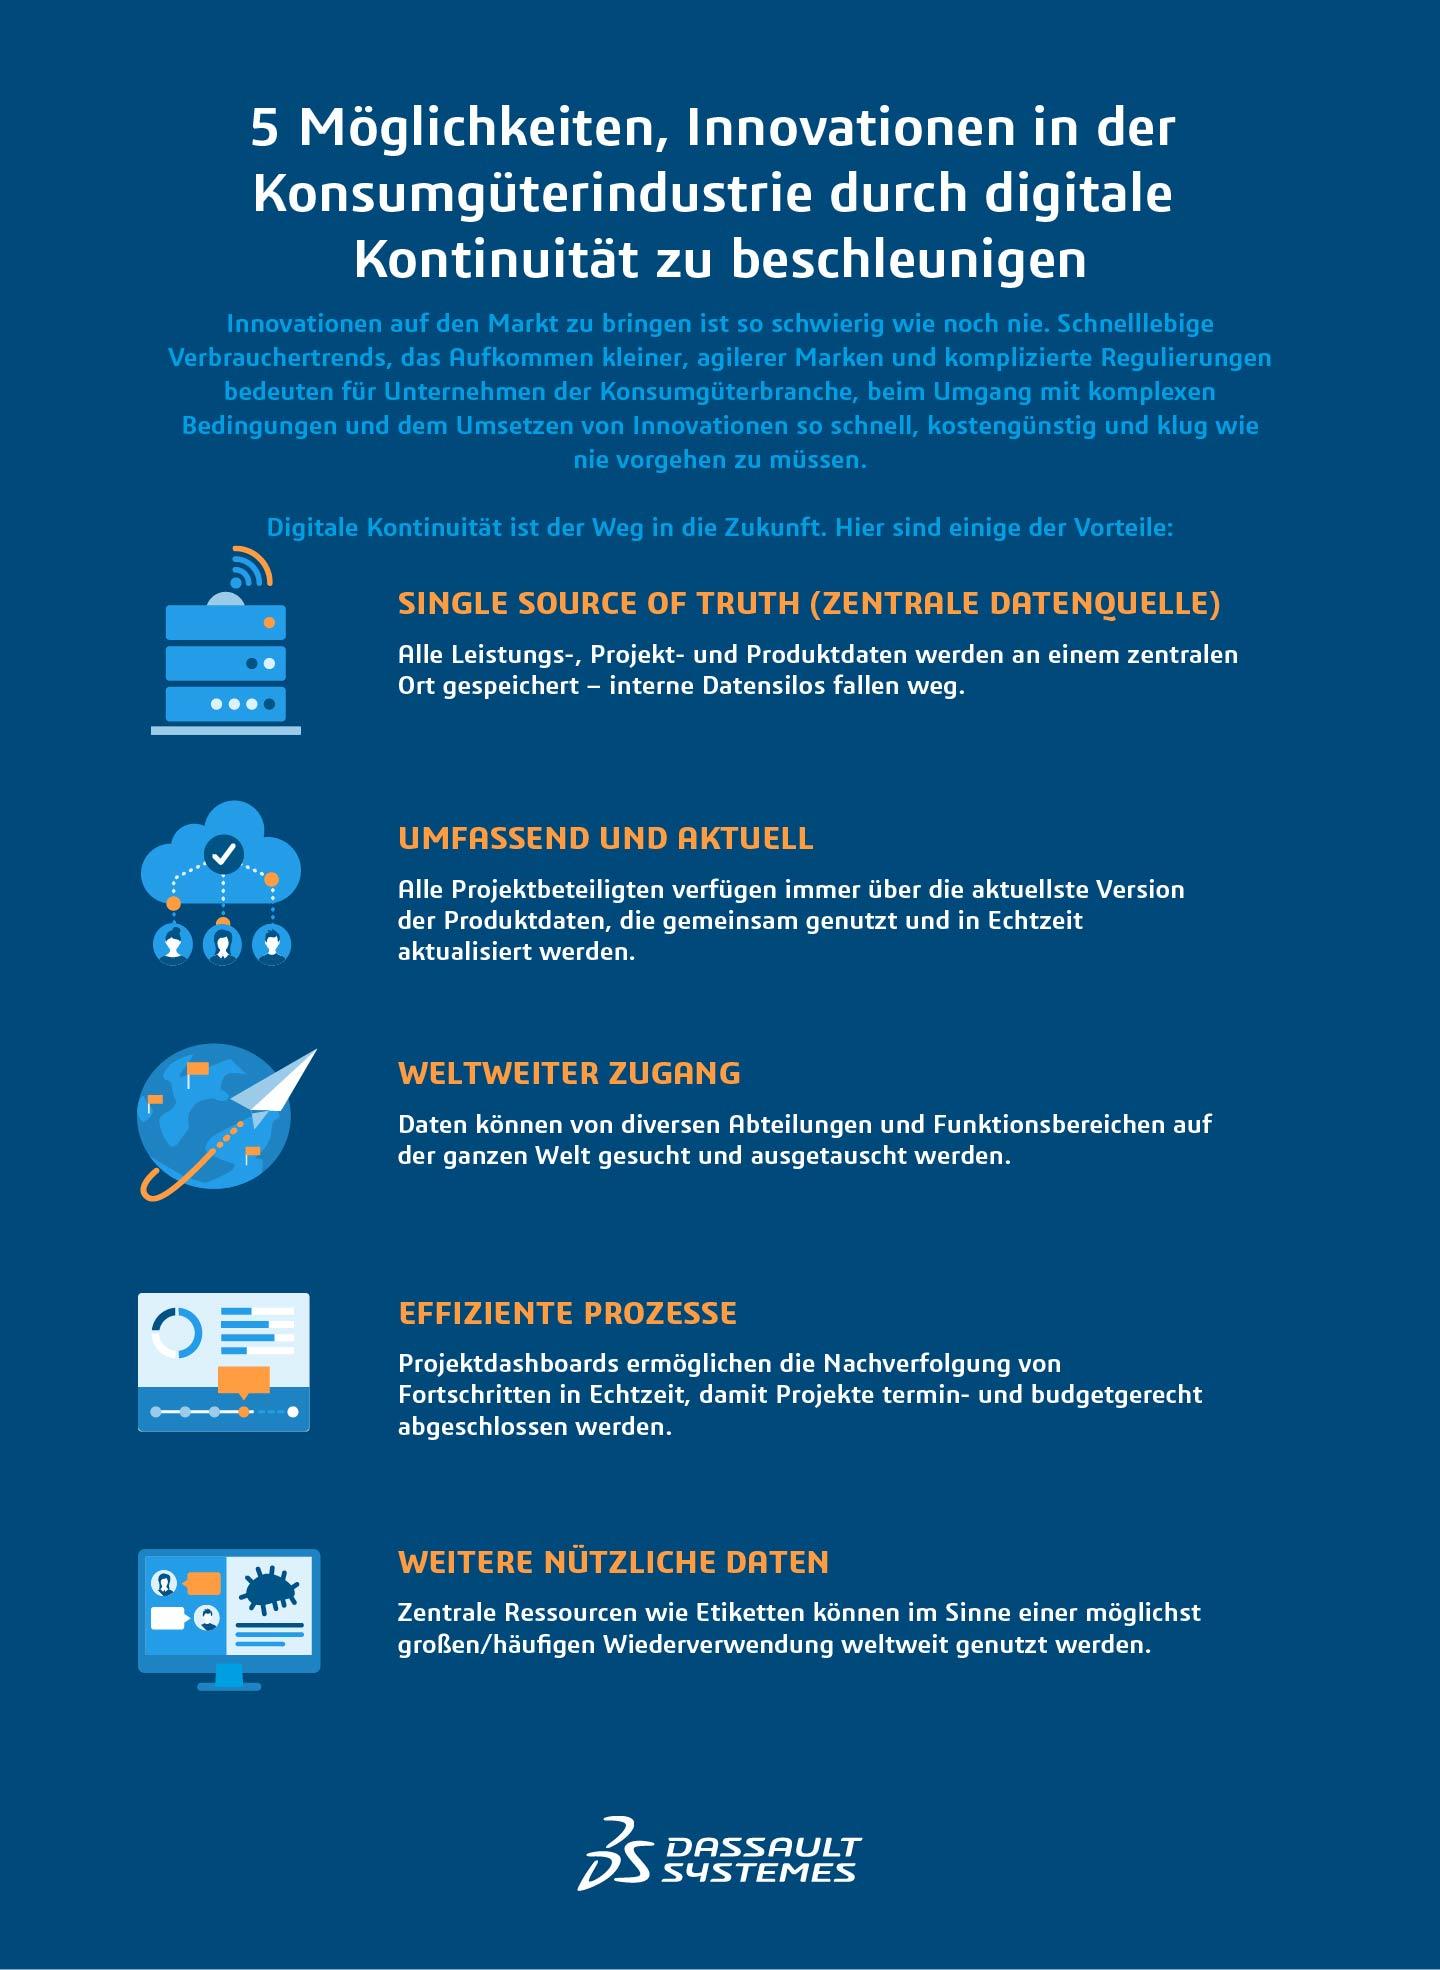 Digitale Kontinuität für Großkonzerne > 5 Möglichkeiten zur Beschleunigung von Innovationen > Dassault Systèmes®